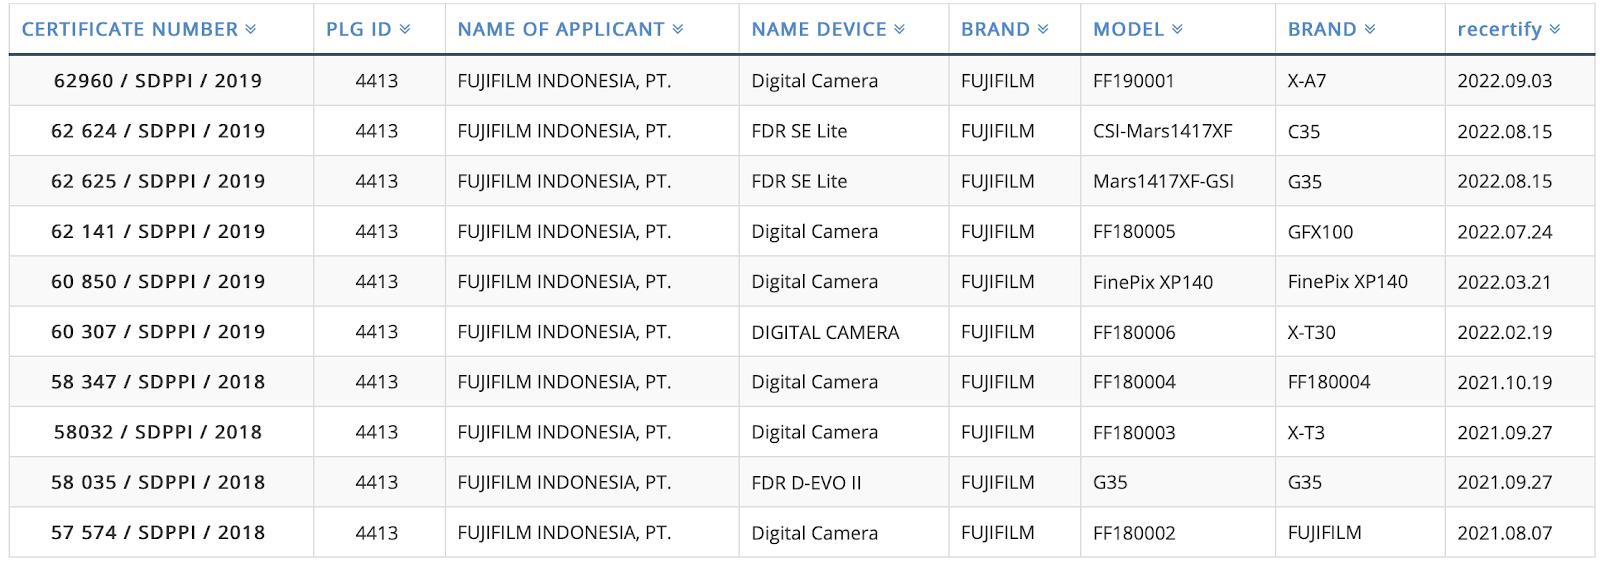 Зарегистрированные в Индонезии камеры Fujifilm